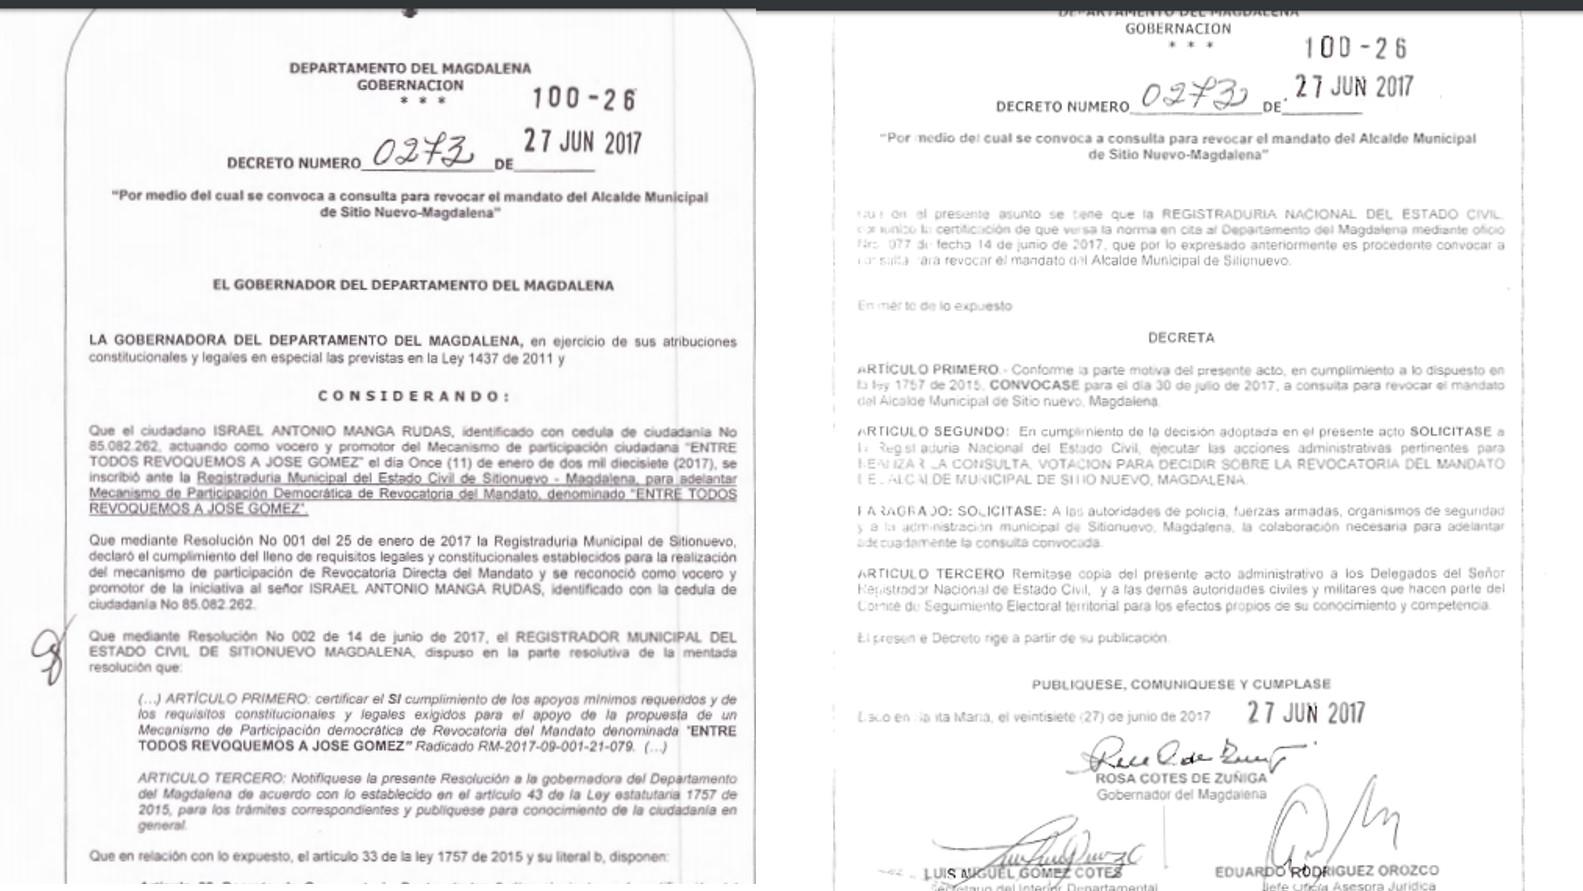 Decreto expedido por la Gobernación del Magdalena.